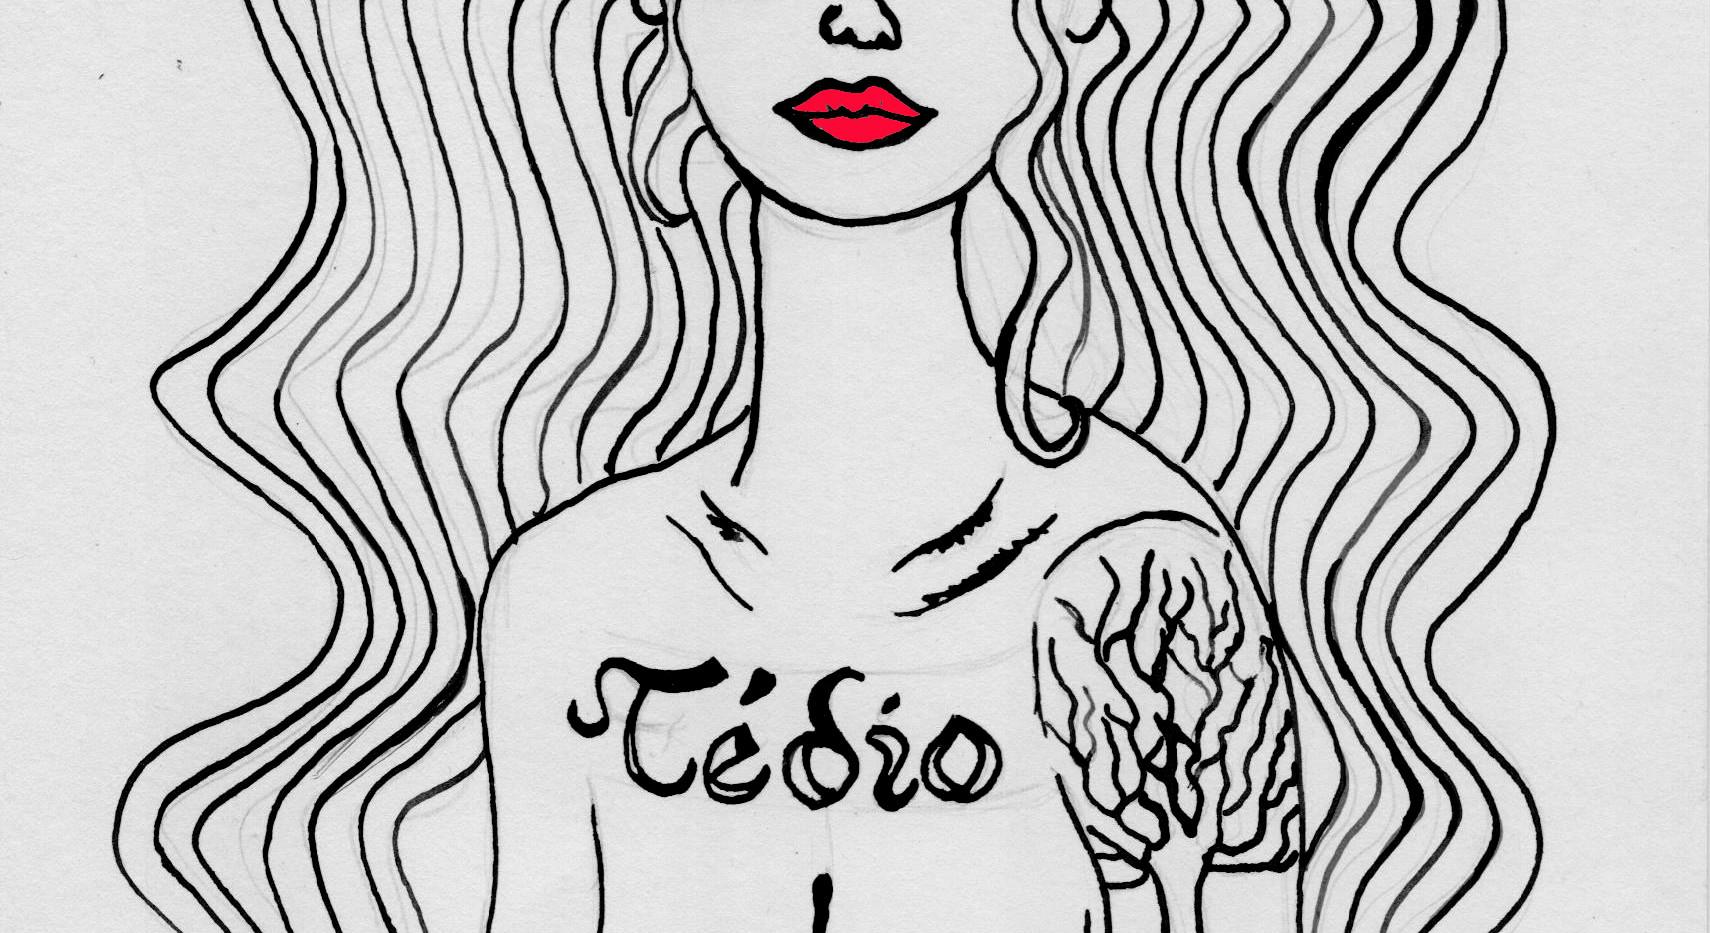 tedio_delirios_volateis 001.jpg